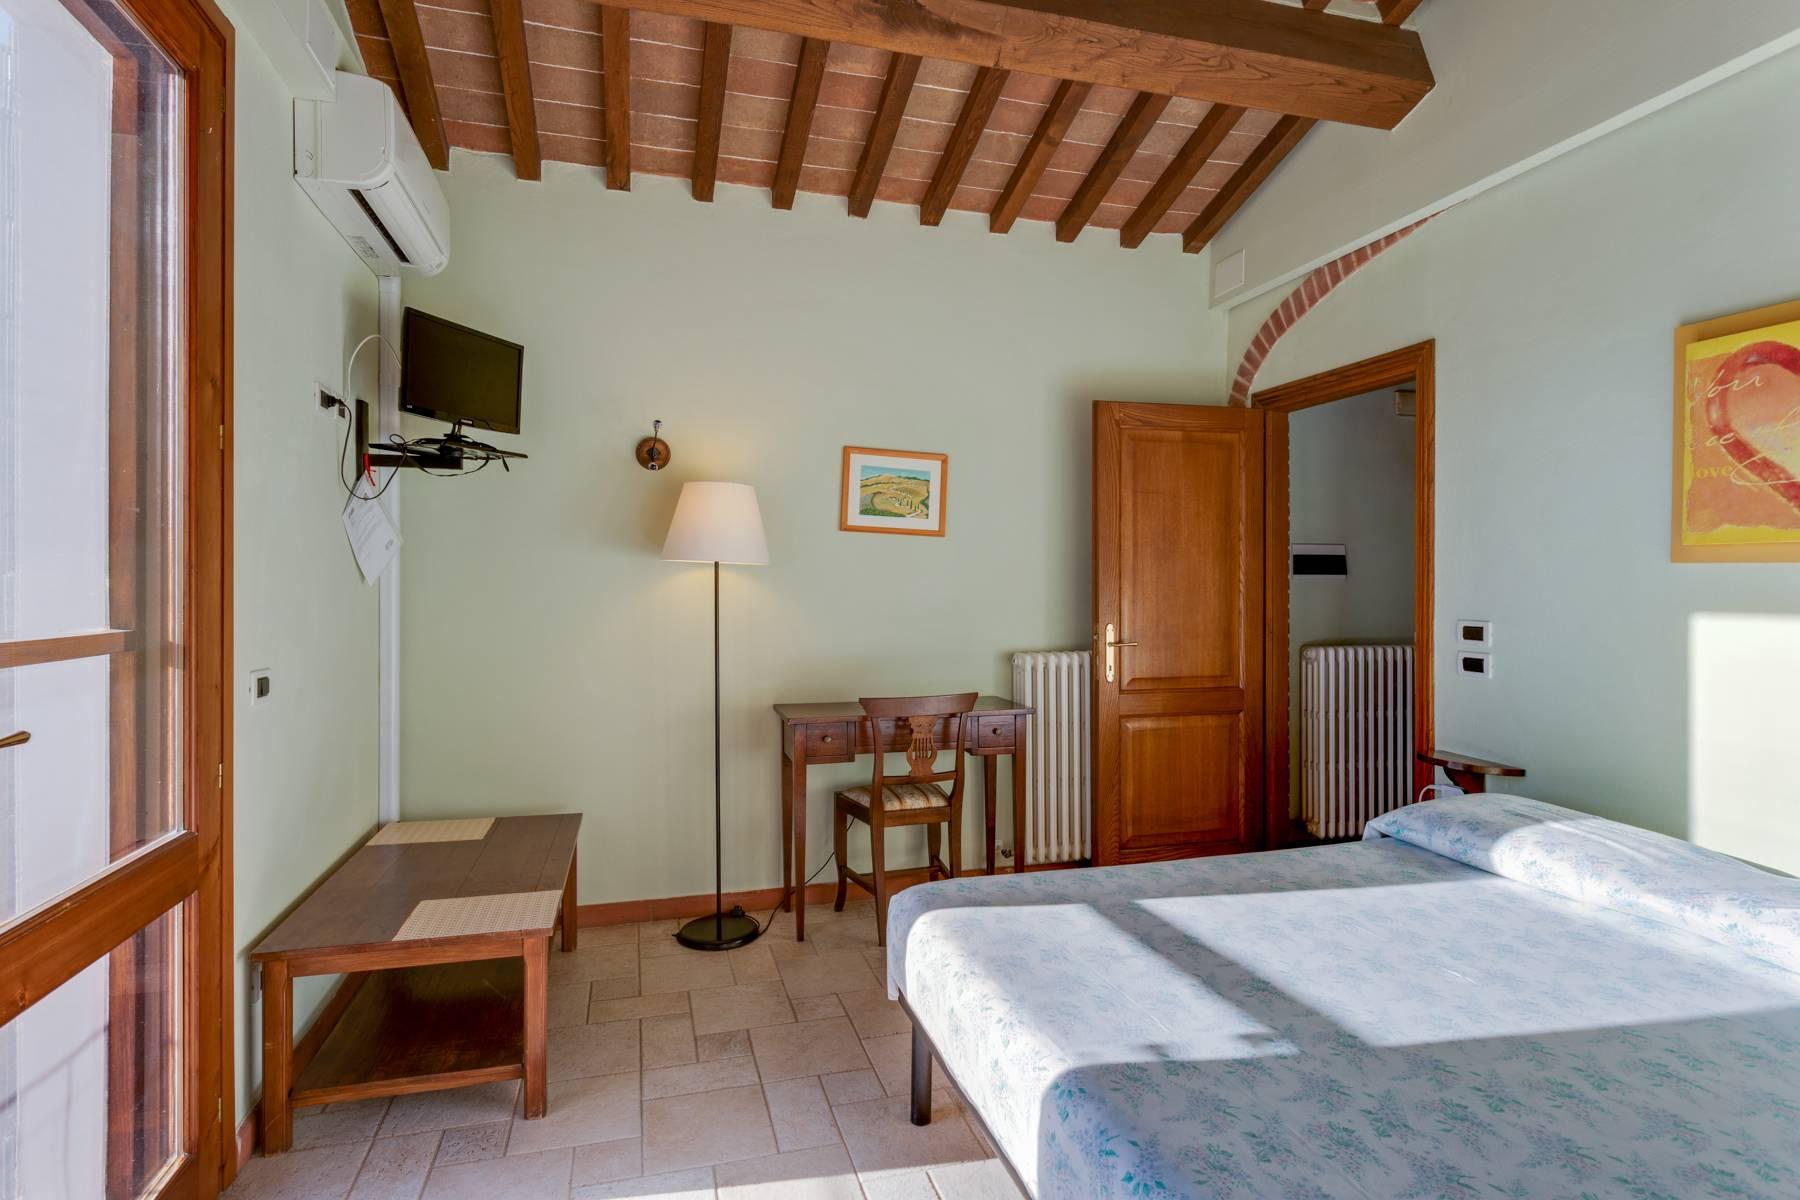 Rustico in Vendita a Montepulciano: 5 locali, 561 mq - Foto 23